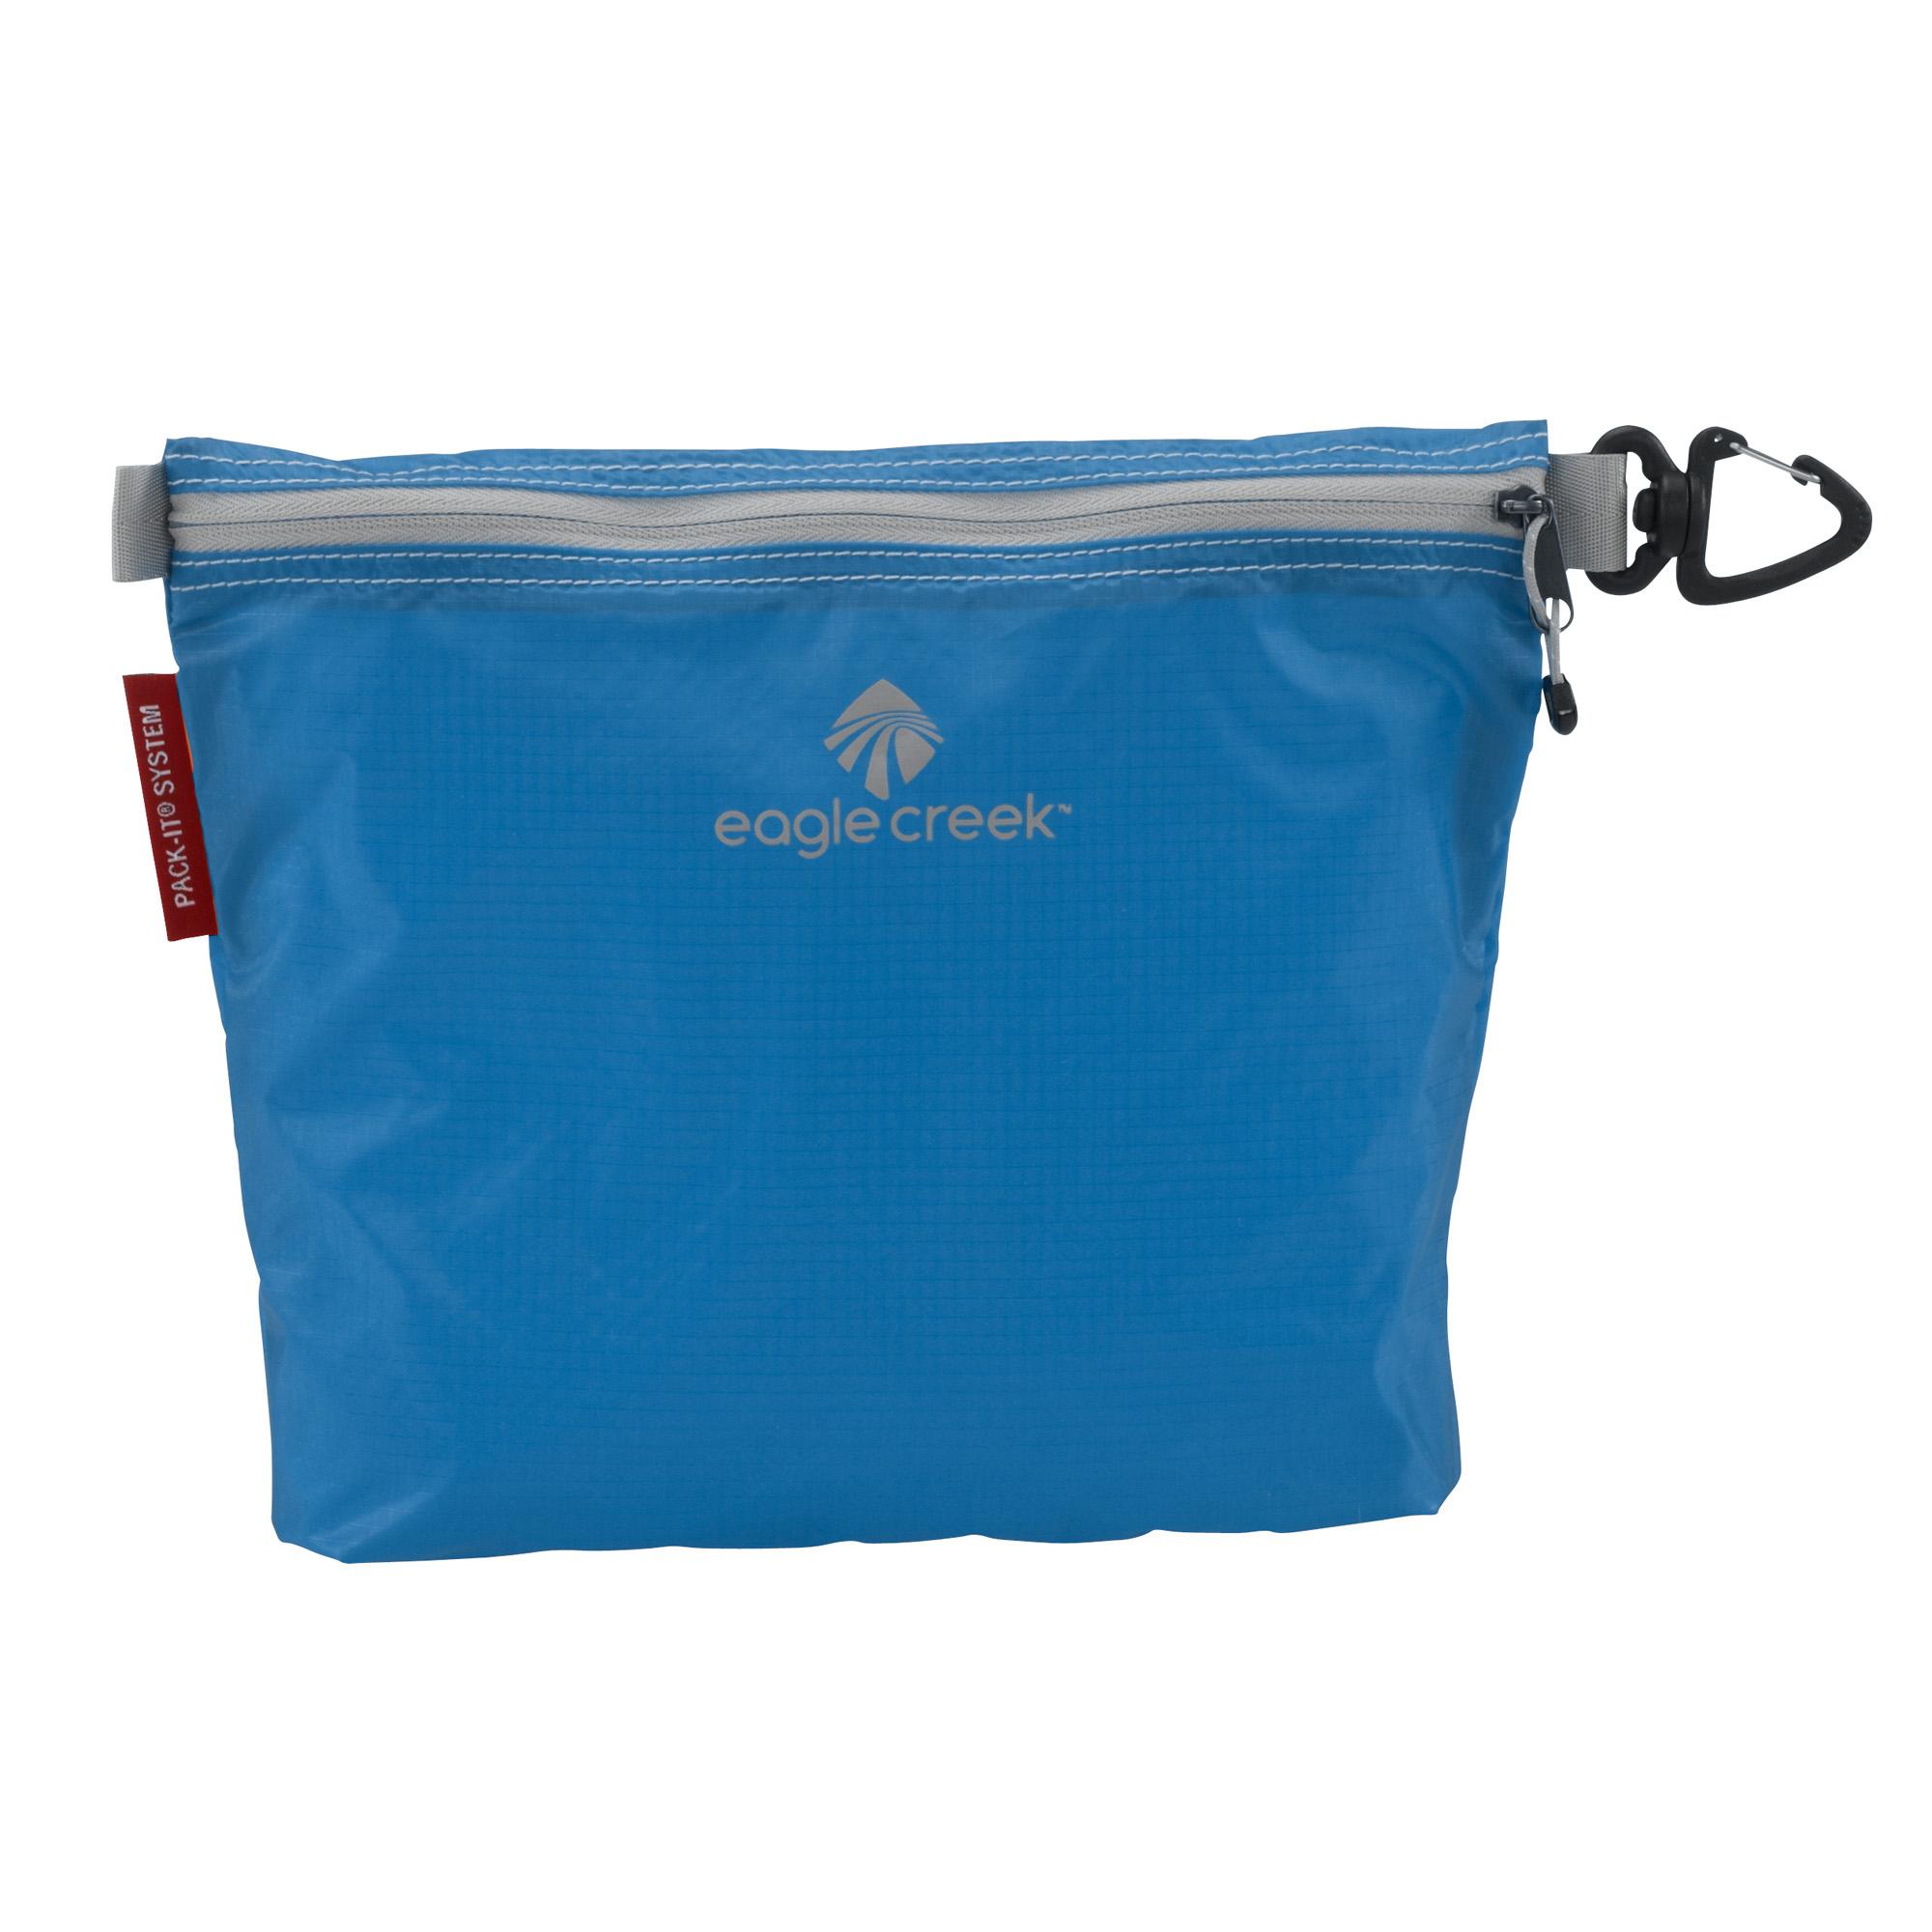 Pack-It Specter Sac Medium - BRILLIANT BLUE